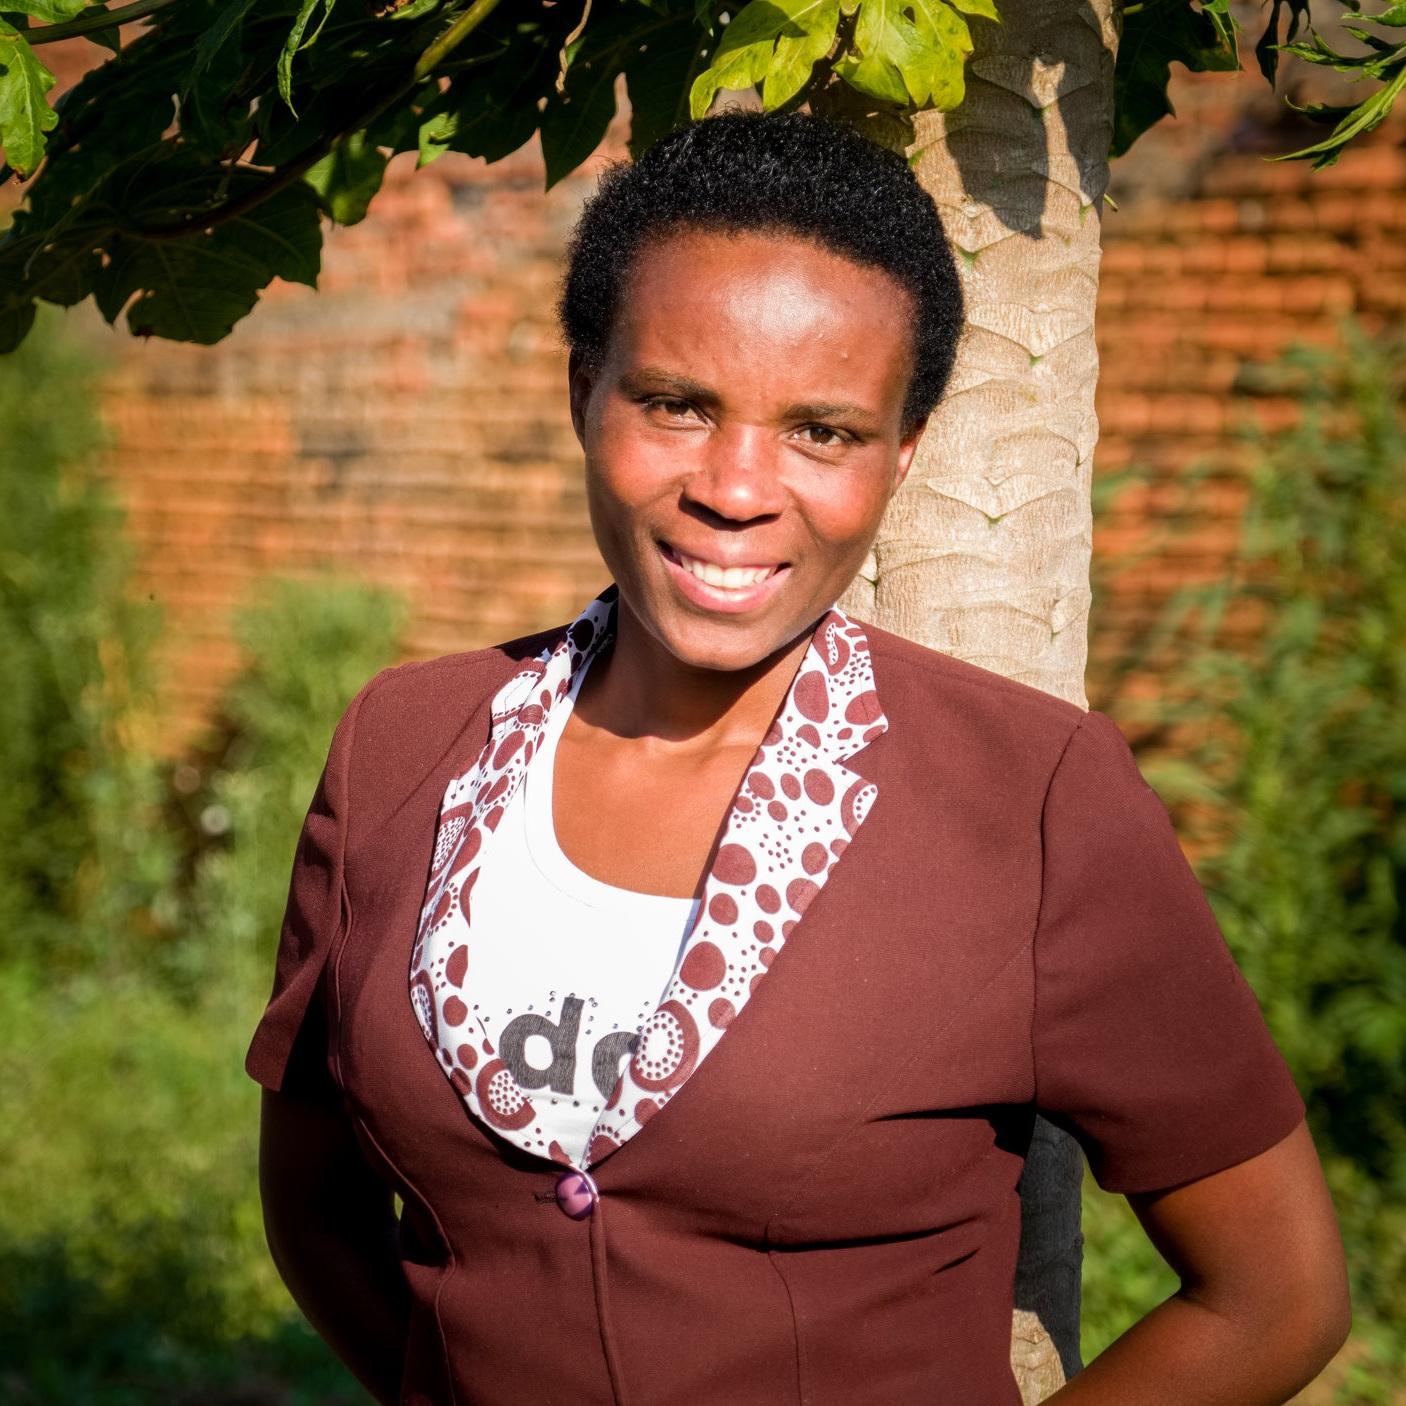 RW+Ubushobozi+Women+50.jpg